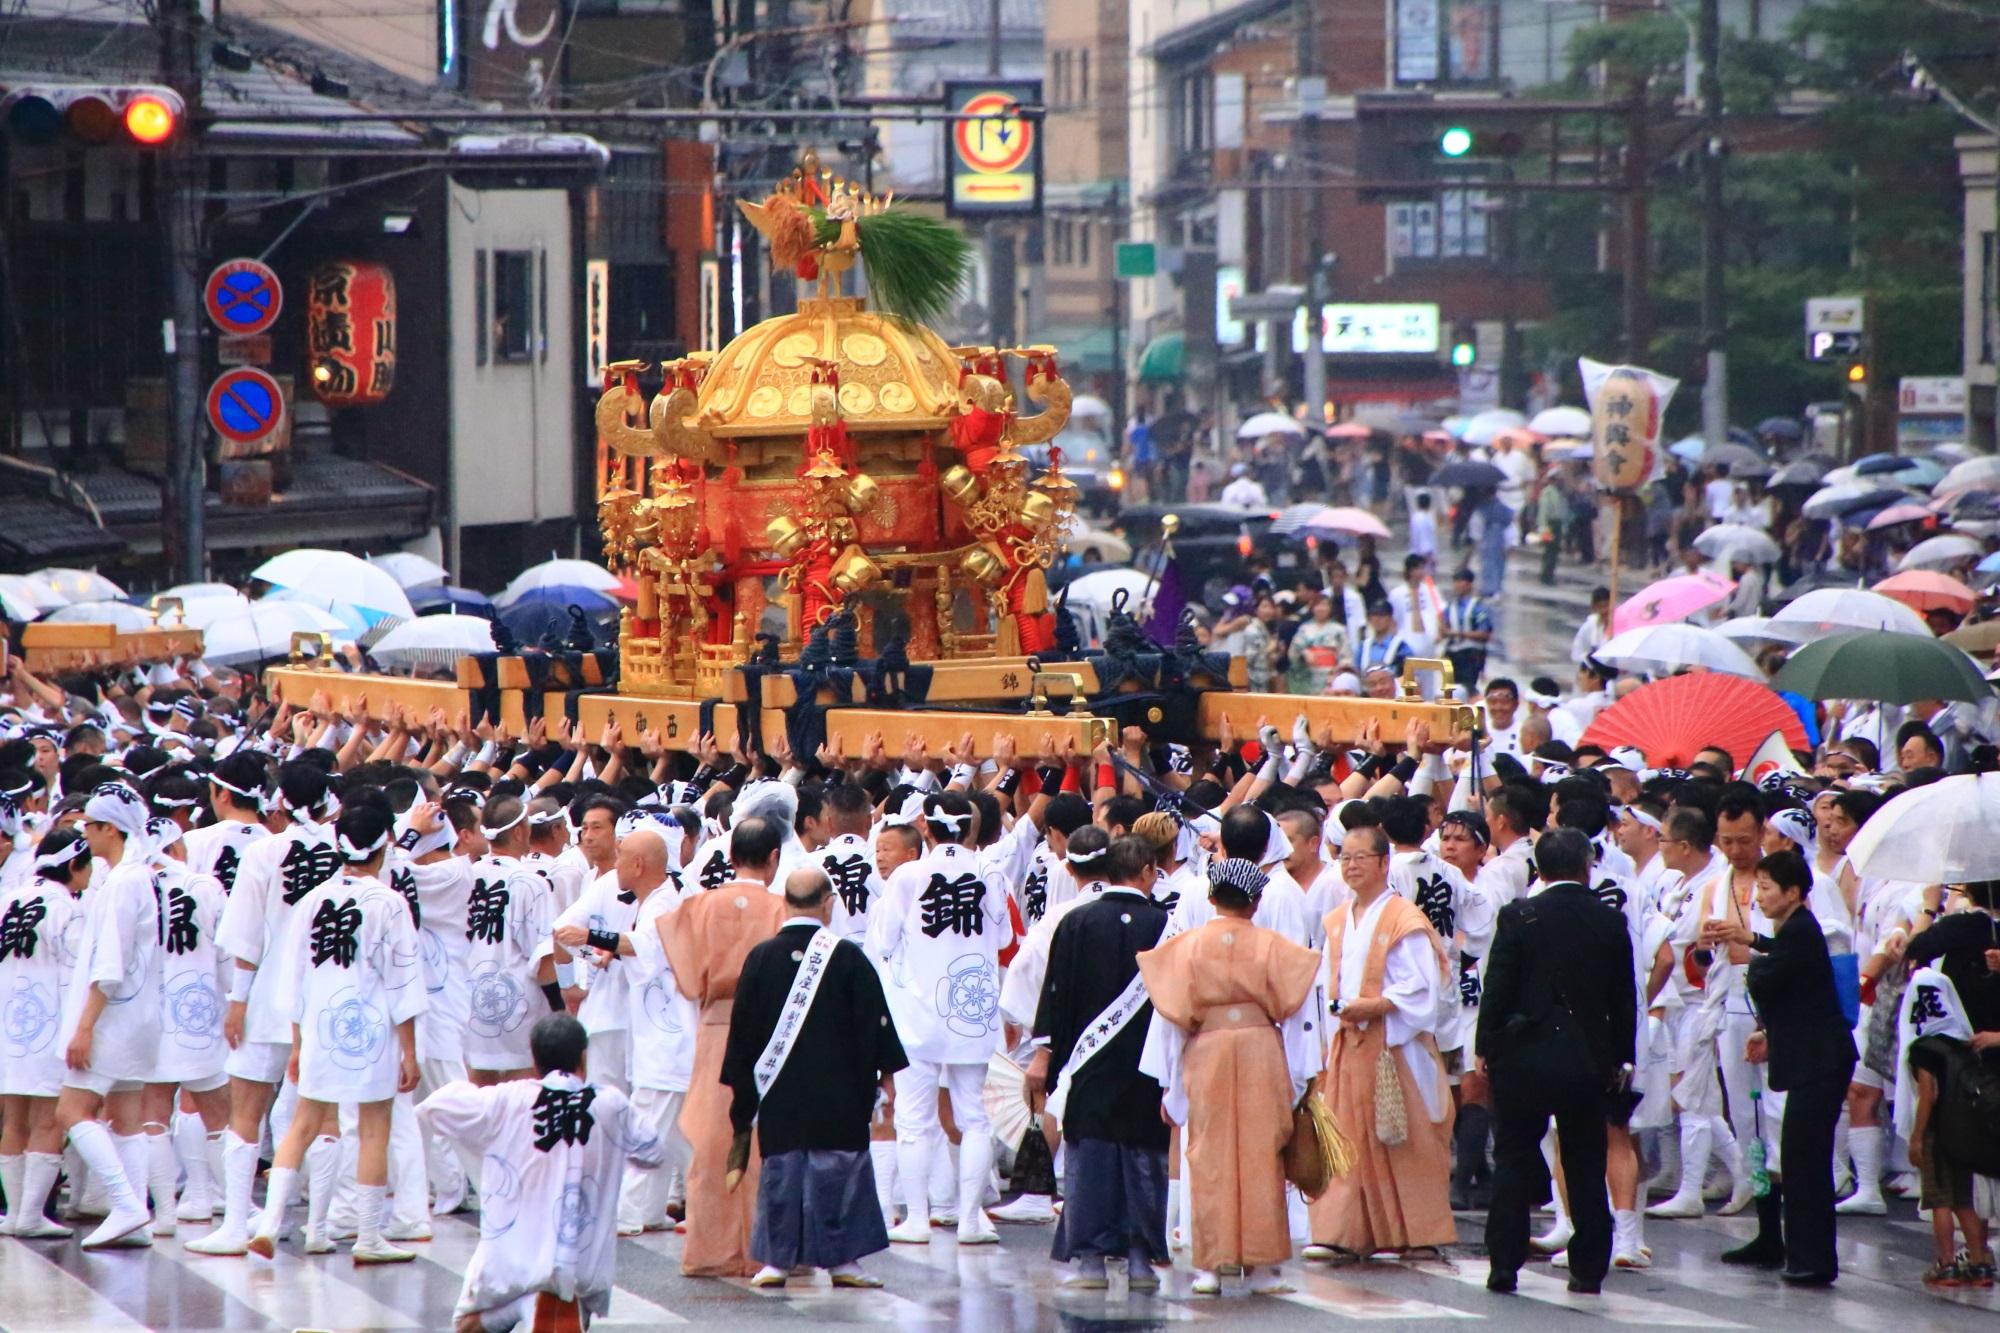 神幸祭 神輿渡御 祇園祭 八坂神社